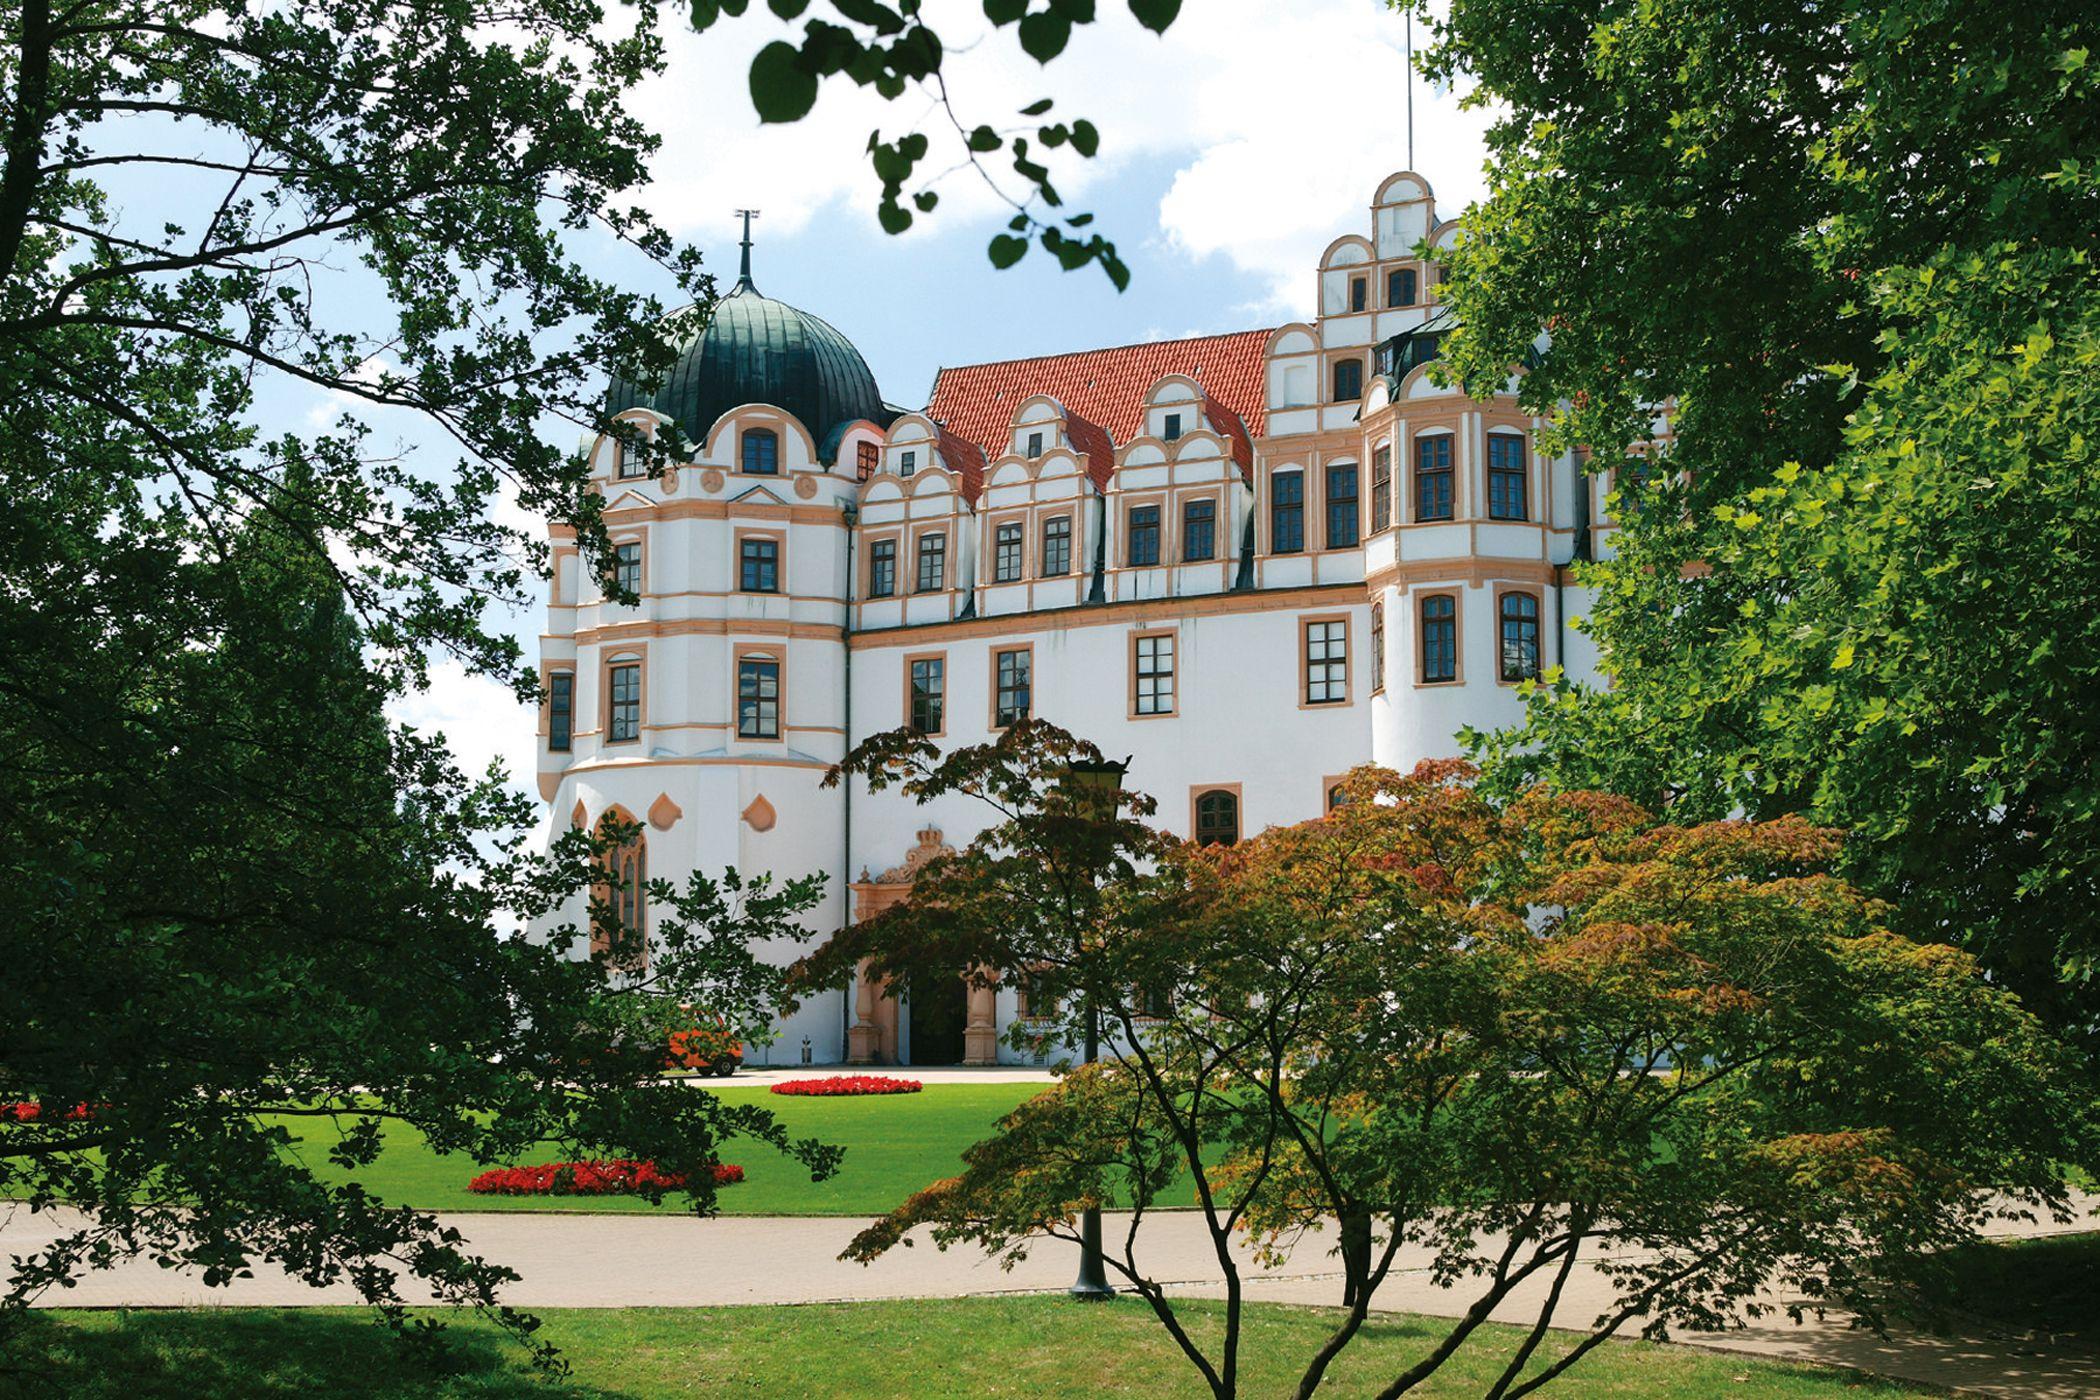 Das Schloss unter blauem Himmel.